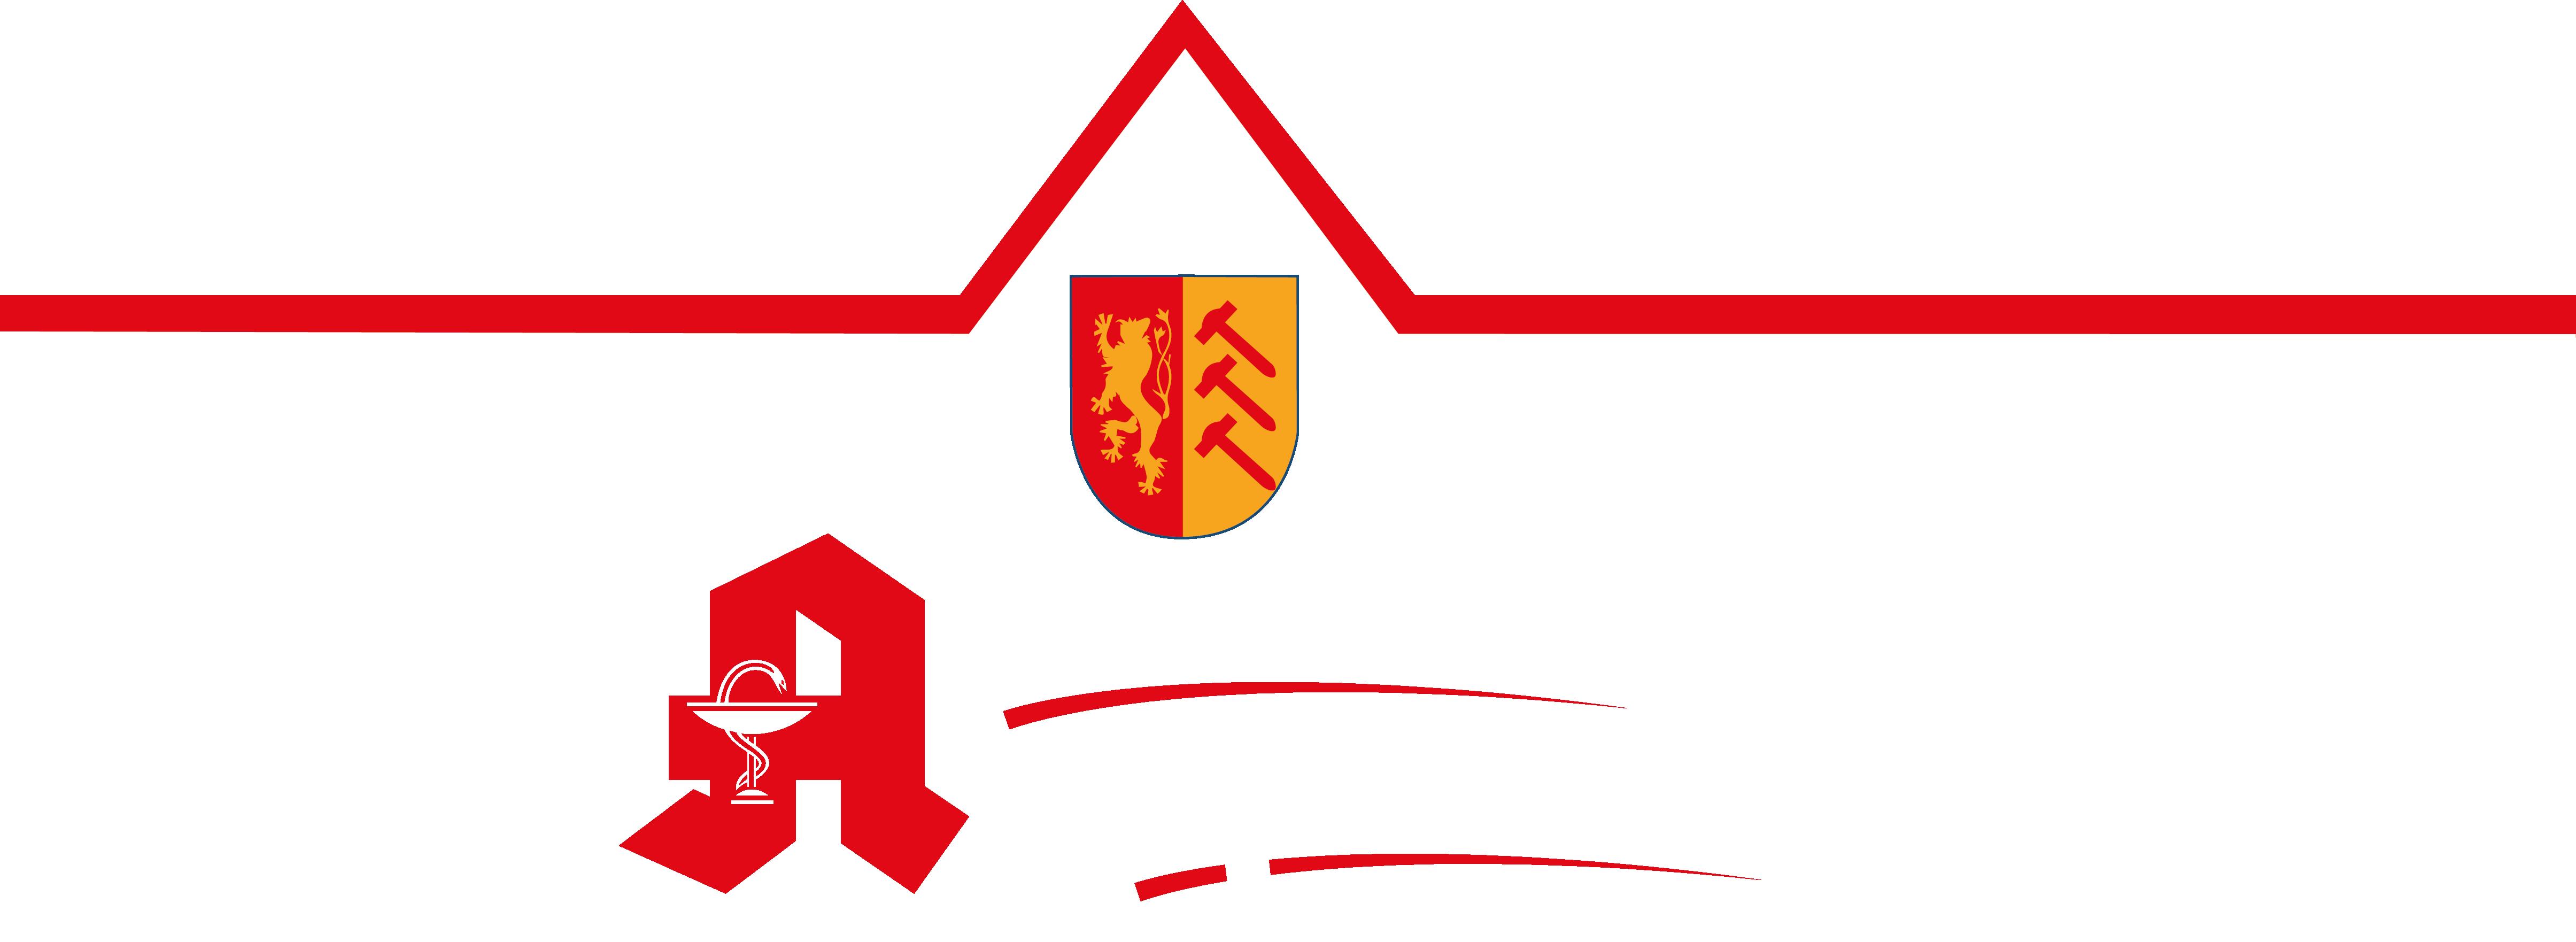 Guenther-Apotheken-Irlich-Rathaus-negativ